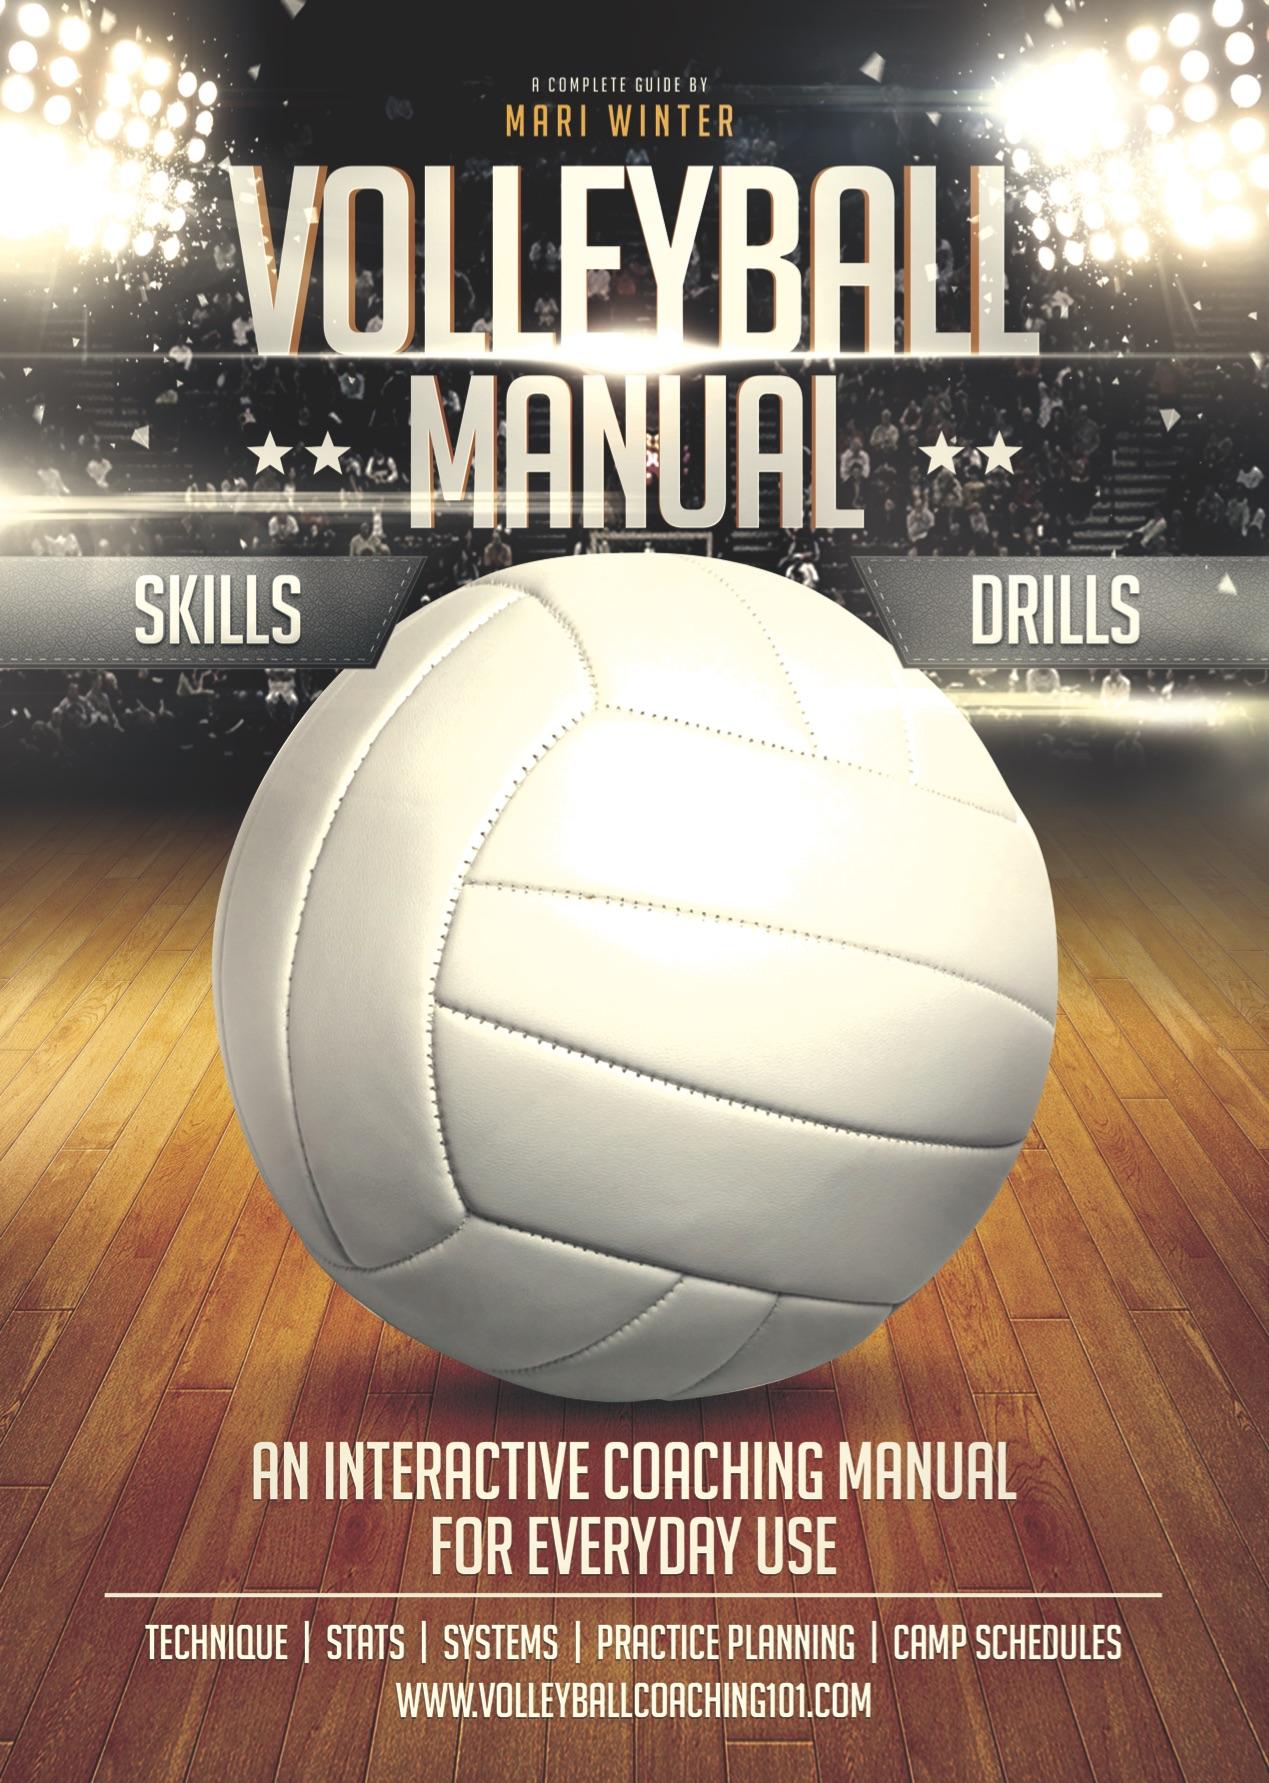 VolleyballManual8.5X11